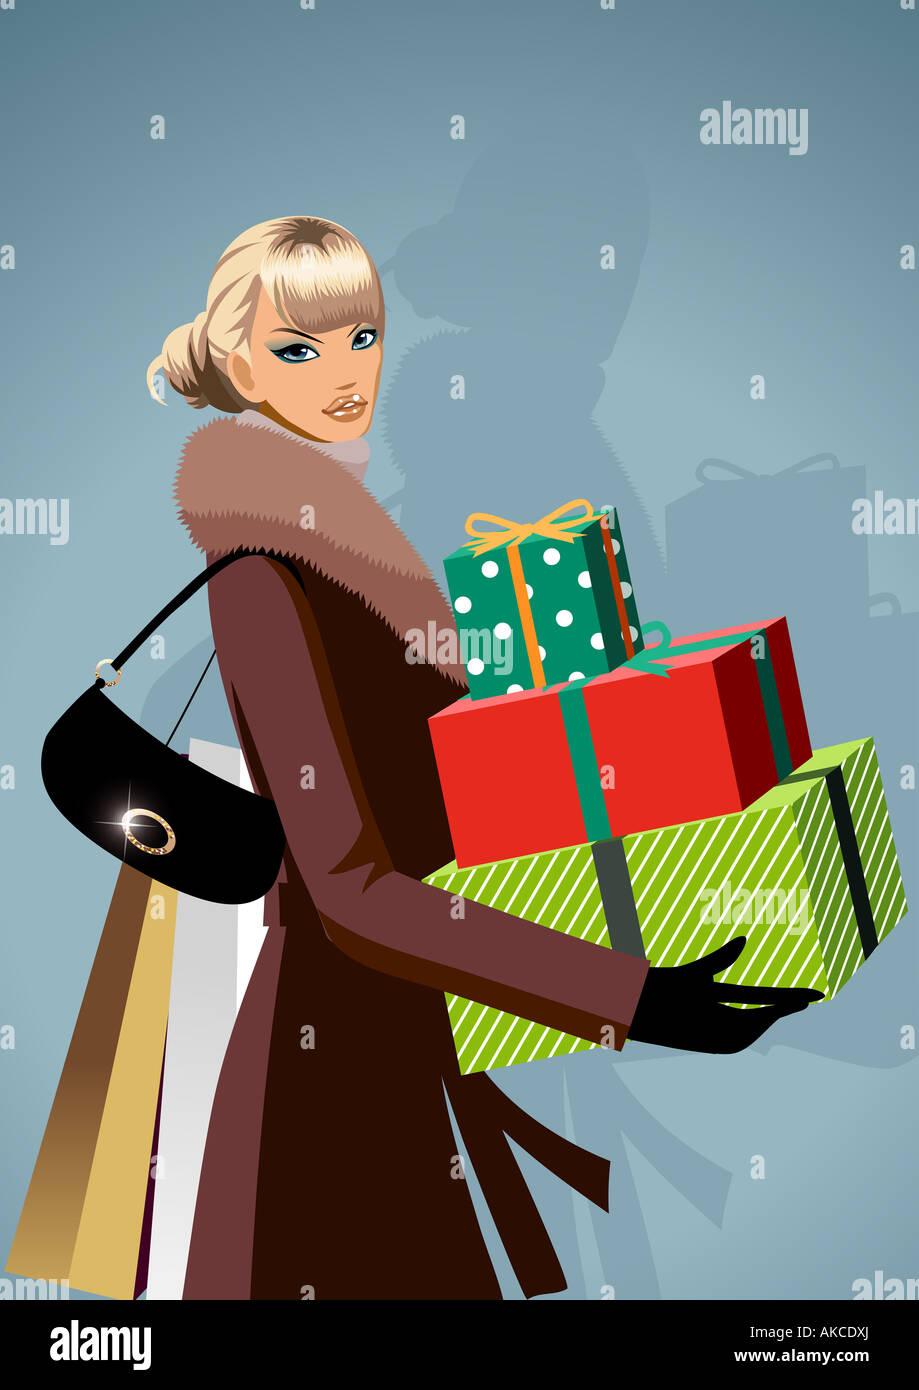 Retrato de una mujer que llevaba regalos de Navidad Imagen De Stock